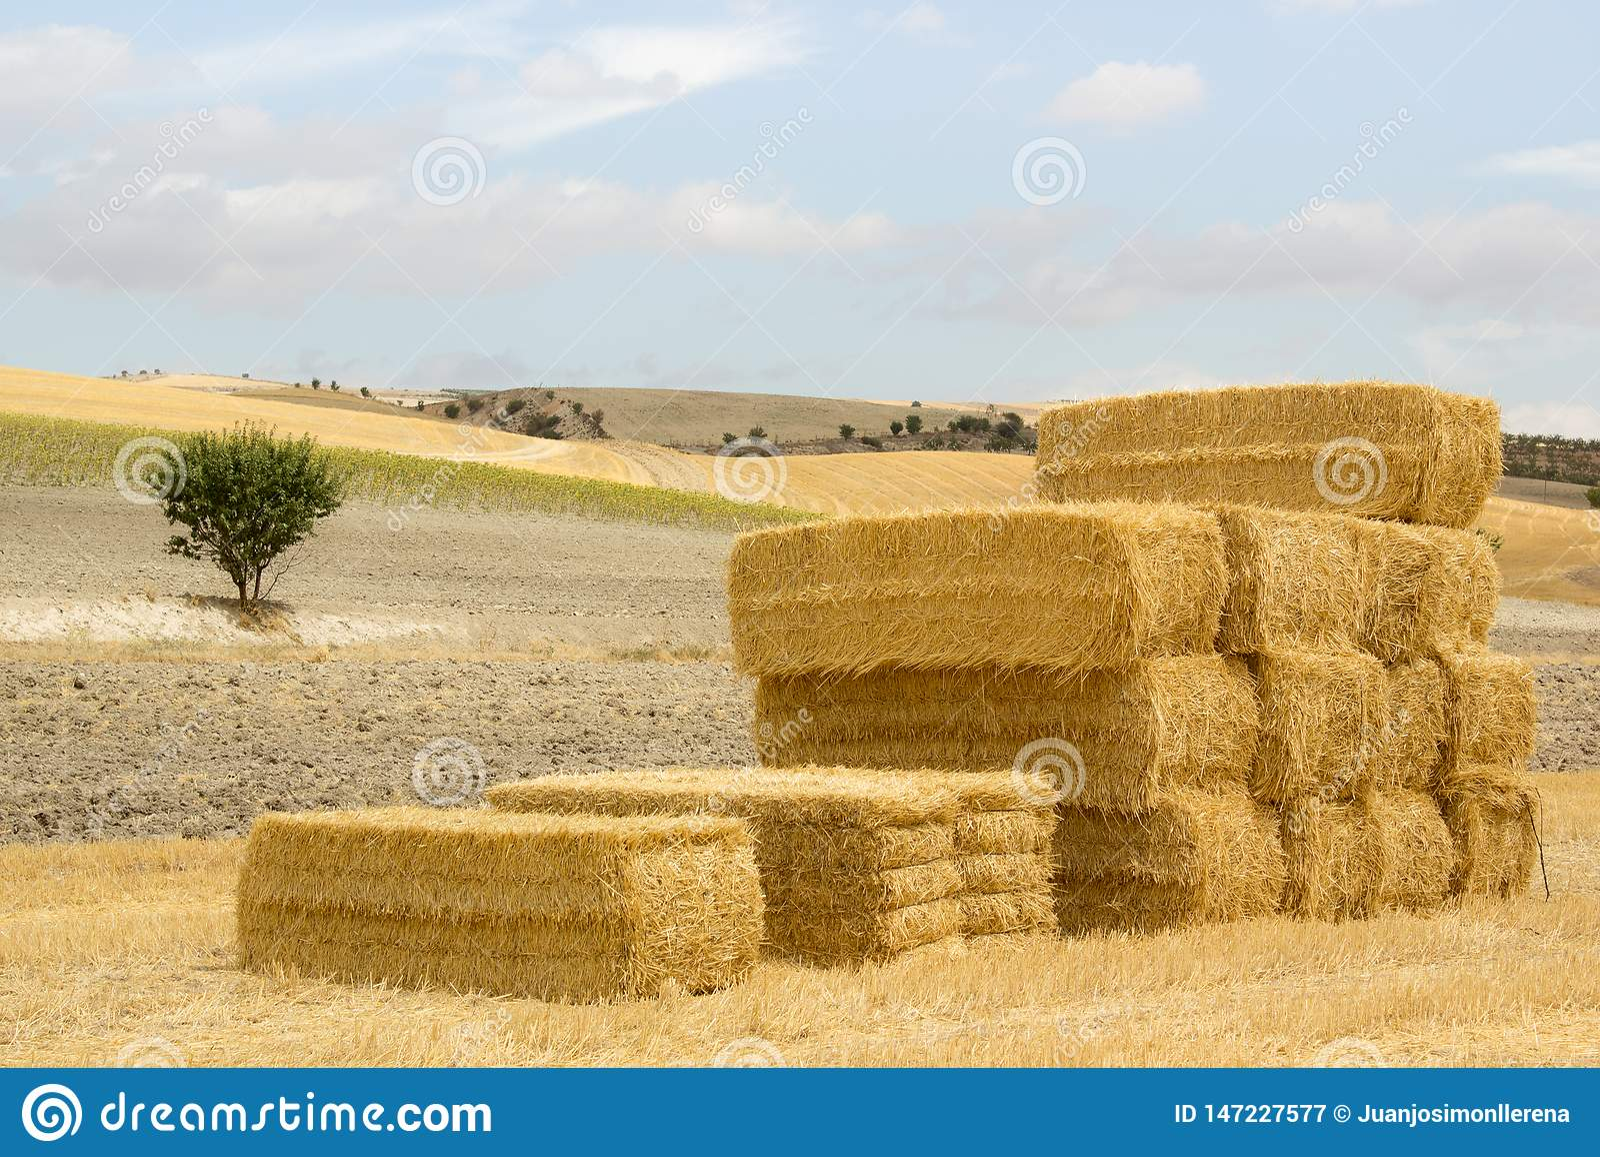 Stapel strobalen in een zonnig landschap